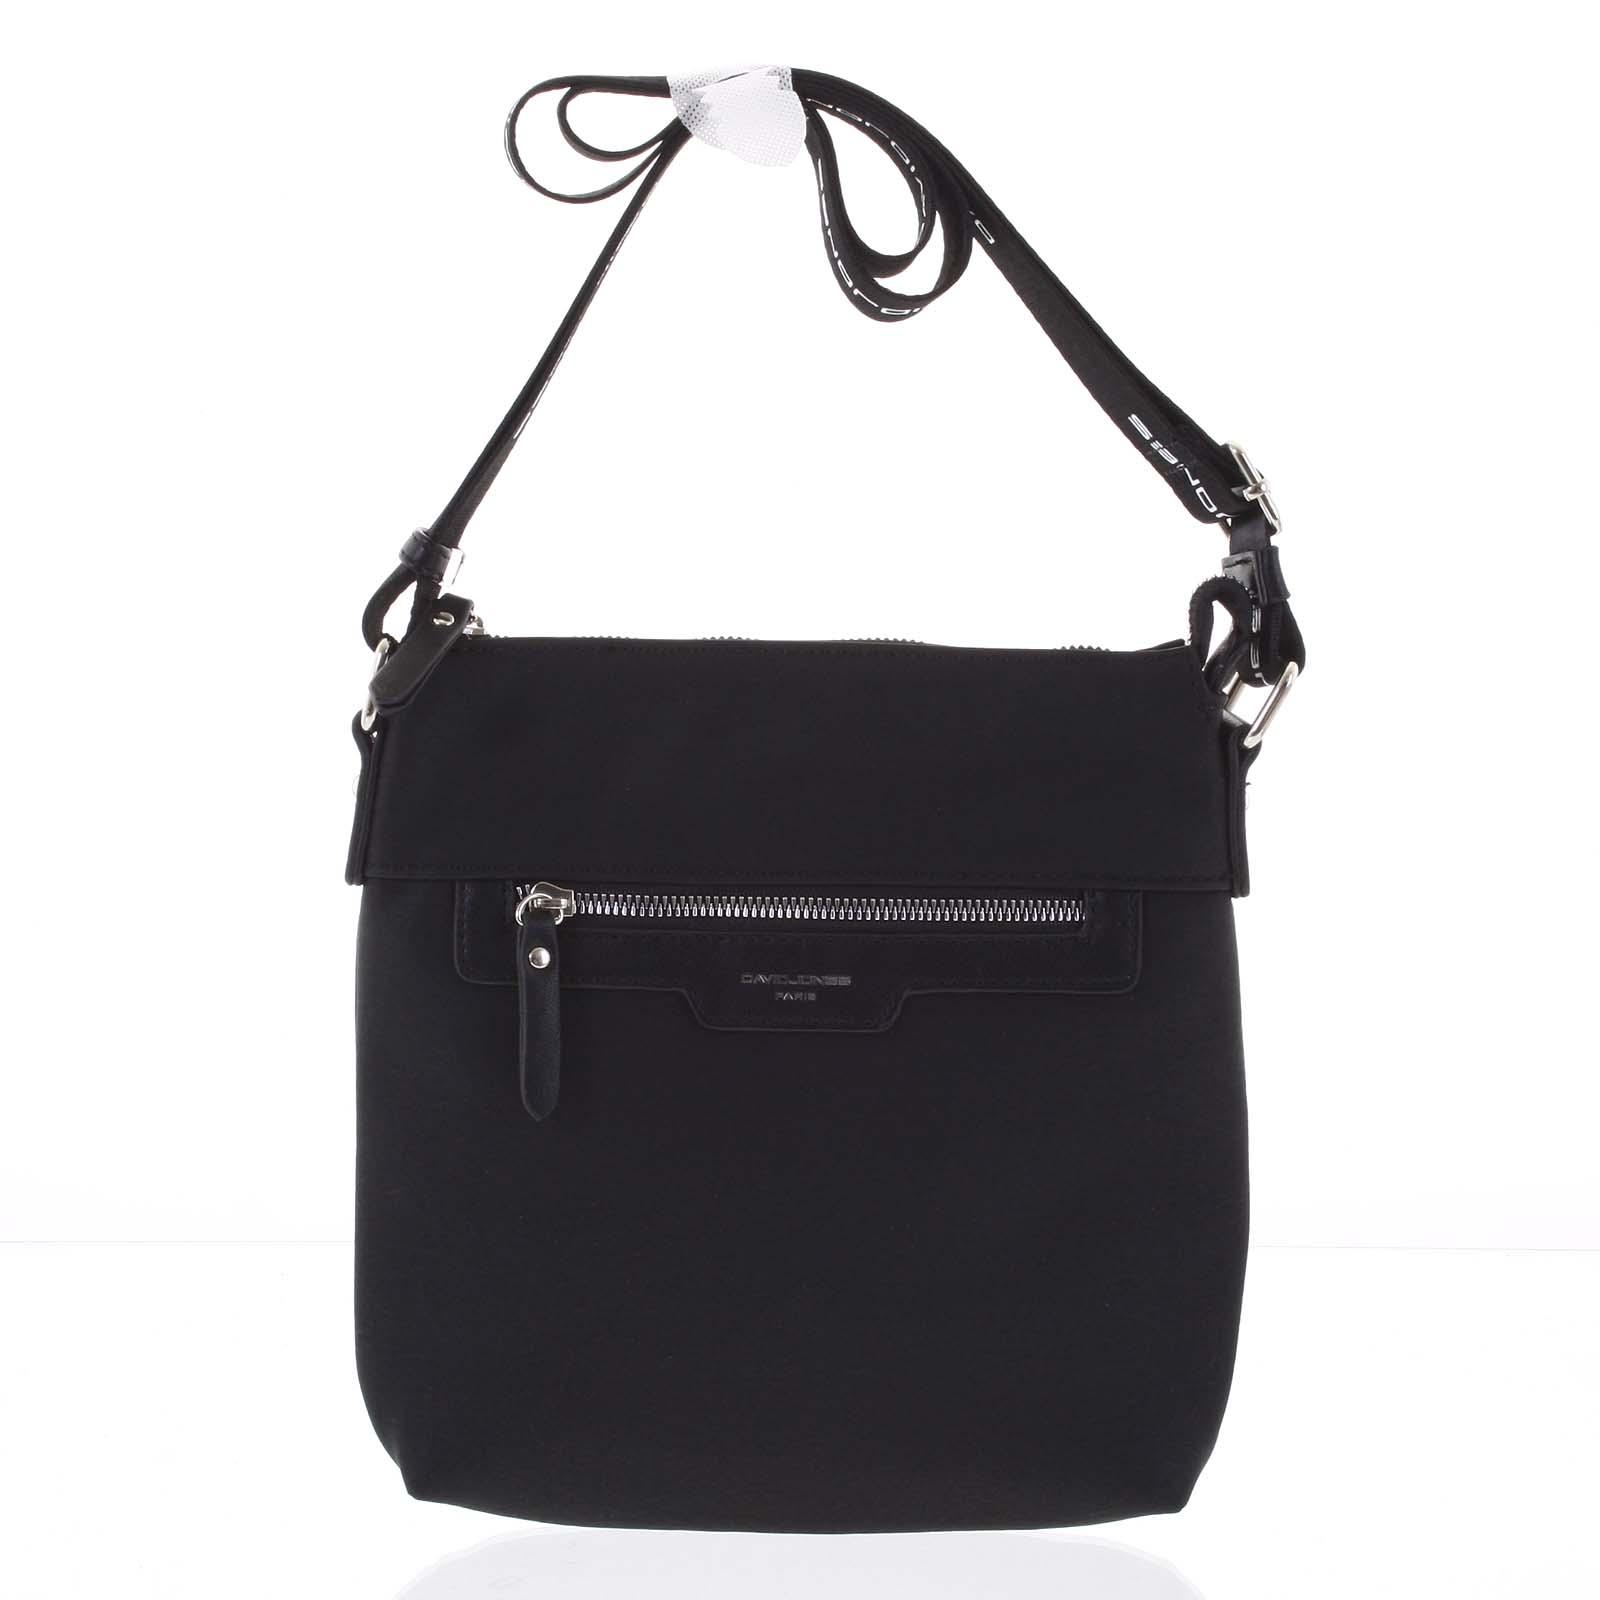 Jednoduchá dámská čierna crossbody kabelka - David Jones Antuane čierna